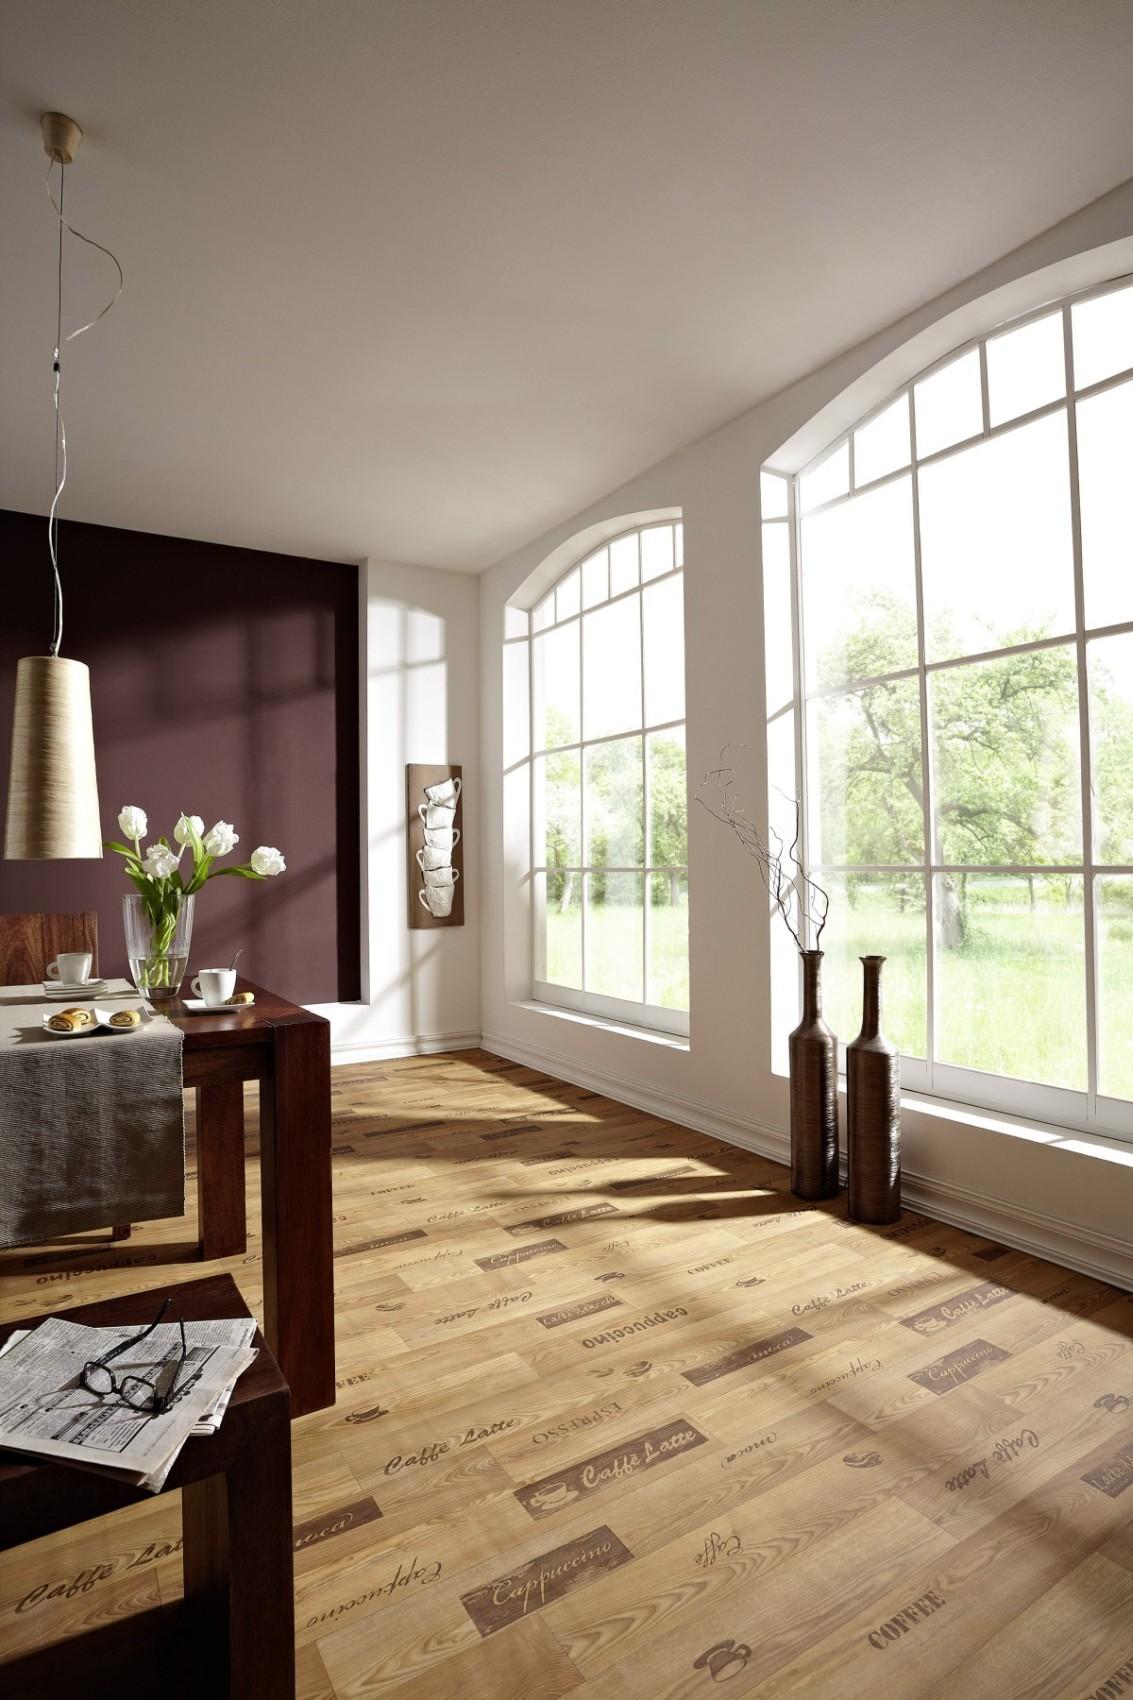 Cv design flooring reinkemeier rietberg trade - Reinkemeier rietberg ...